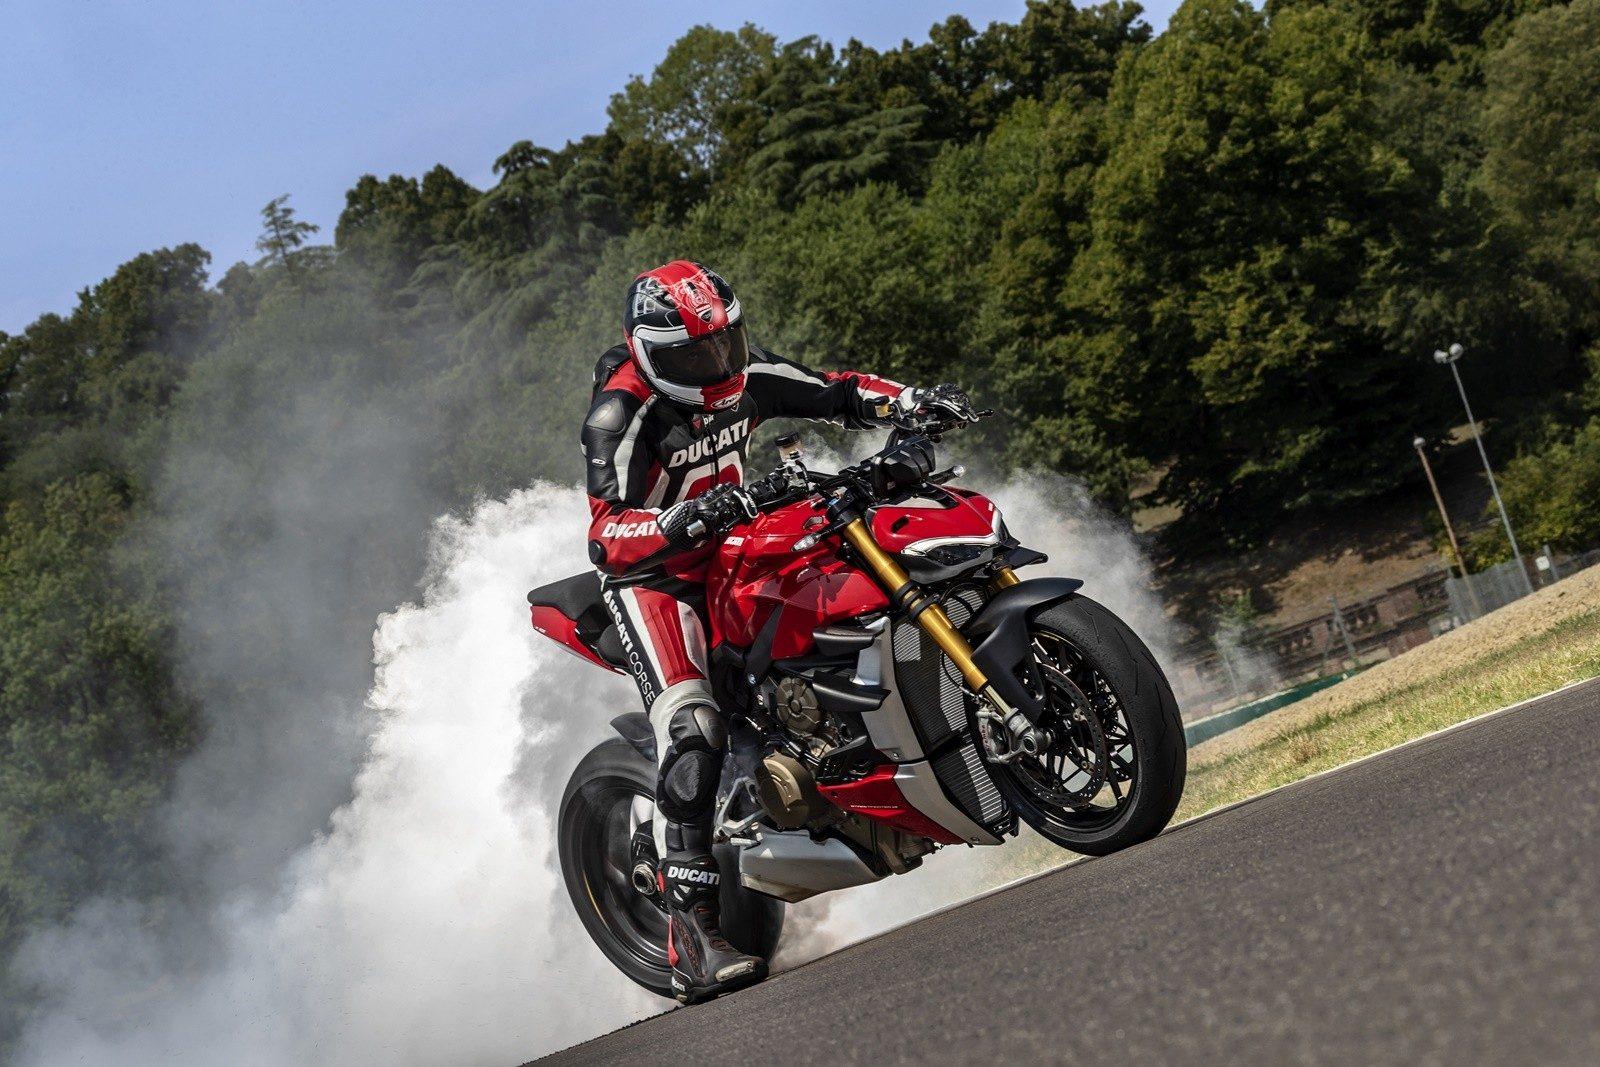 Ducati Streetfighter V4 2020 12